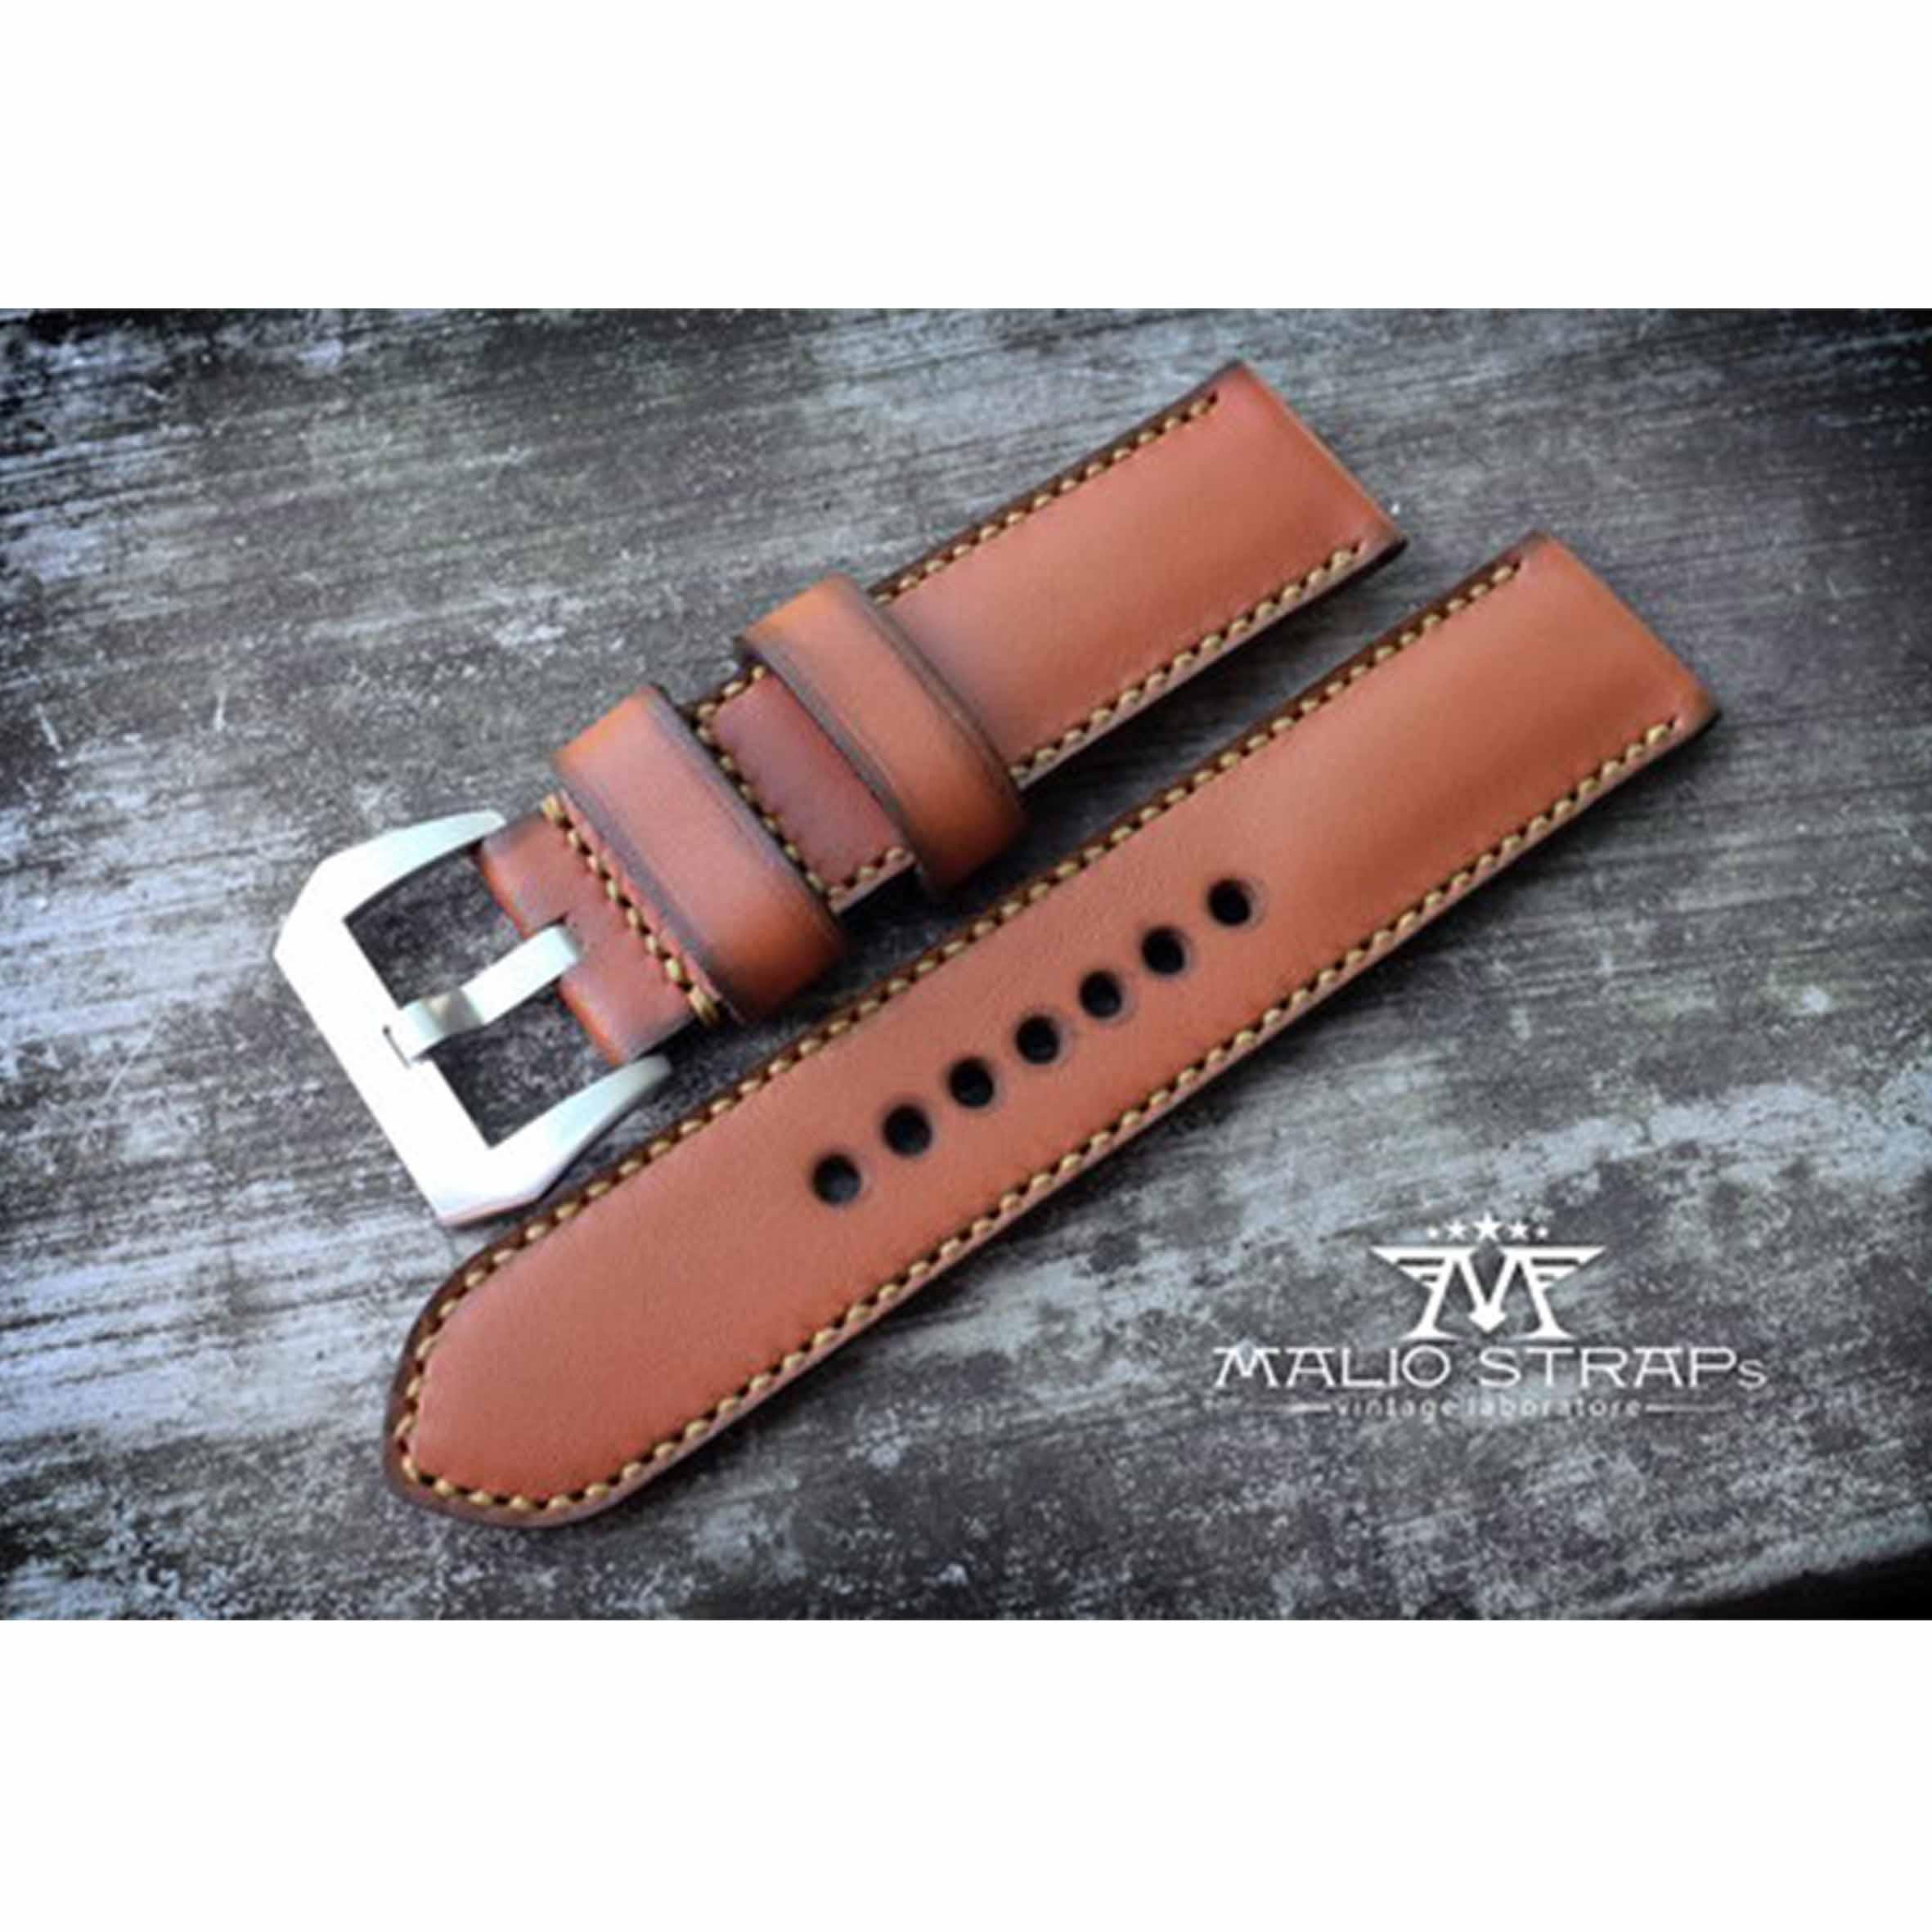 malio-straps-initiale-2-strapsonly (2)